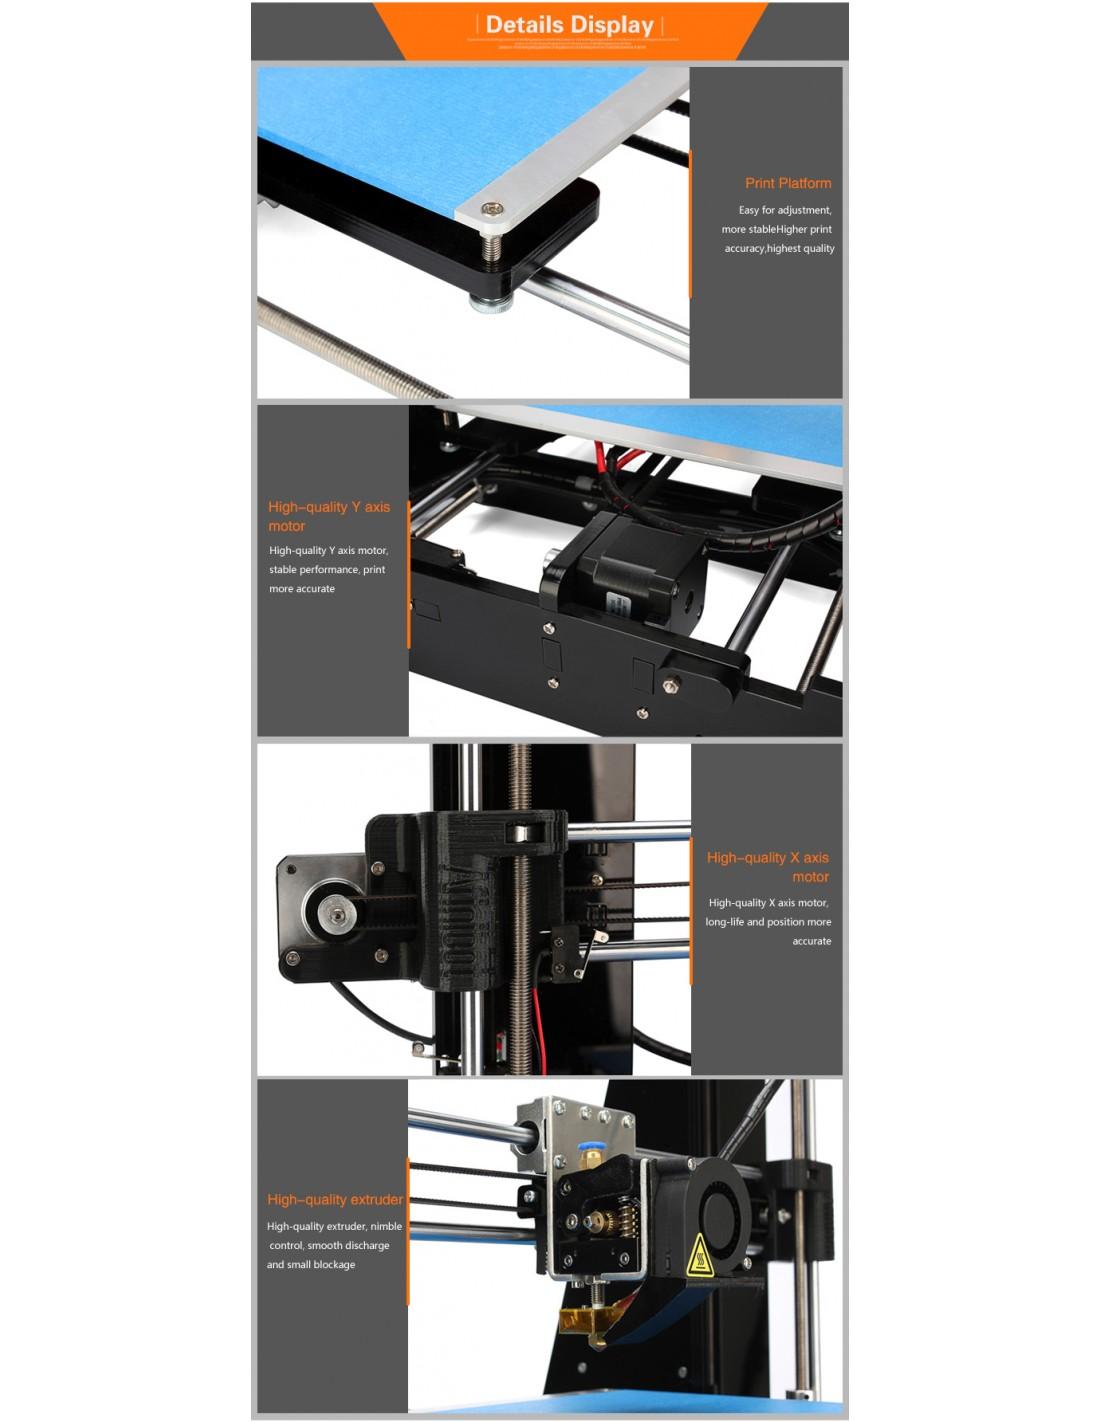 a3 802na imprimante 3d en kit avec mise niveau. Black Bedroom Furniture Sets. Home Design Ideas